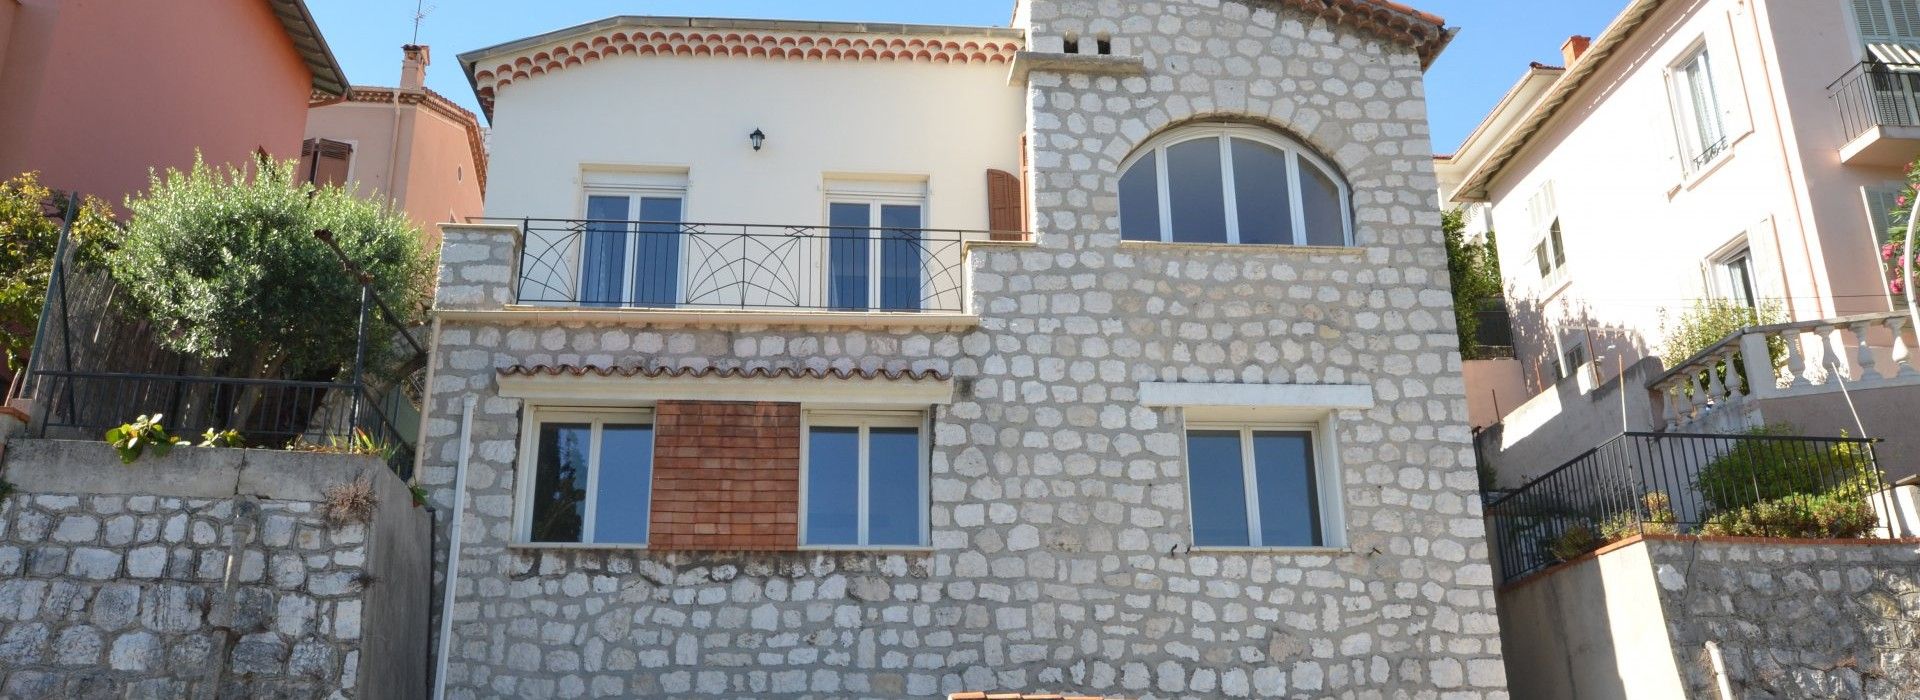 Maison Nice 6 Pièces 132m2 659,000€